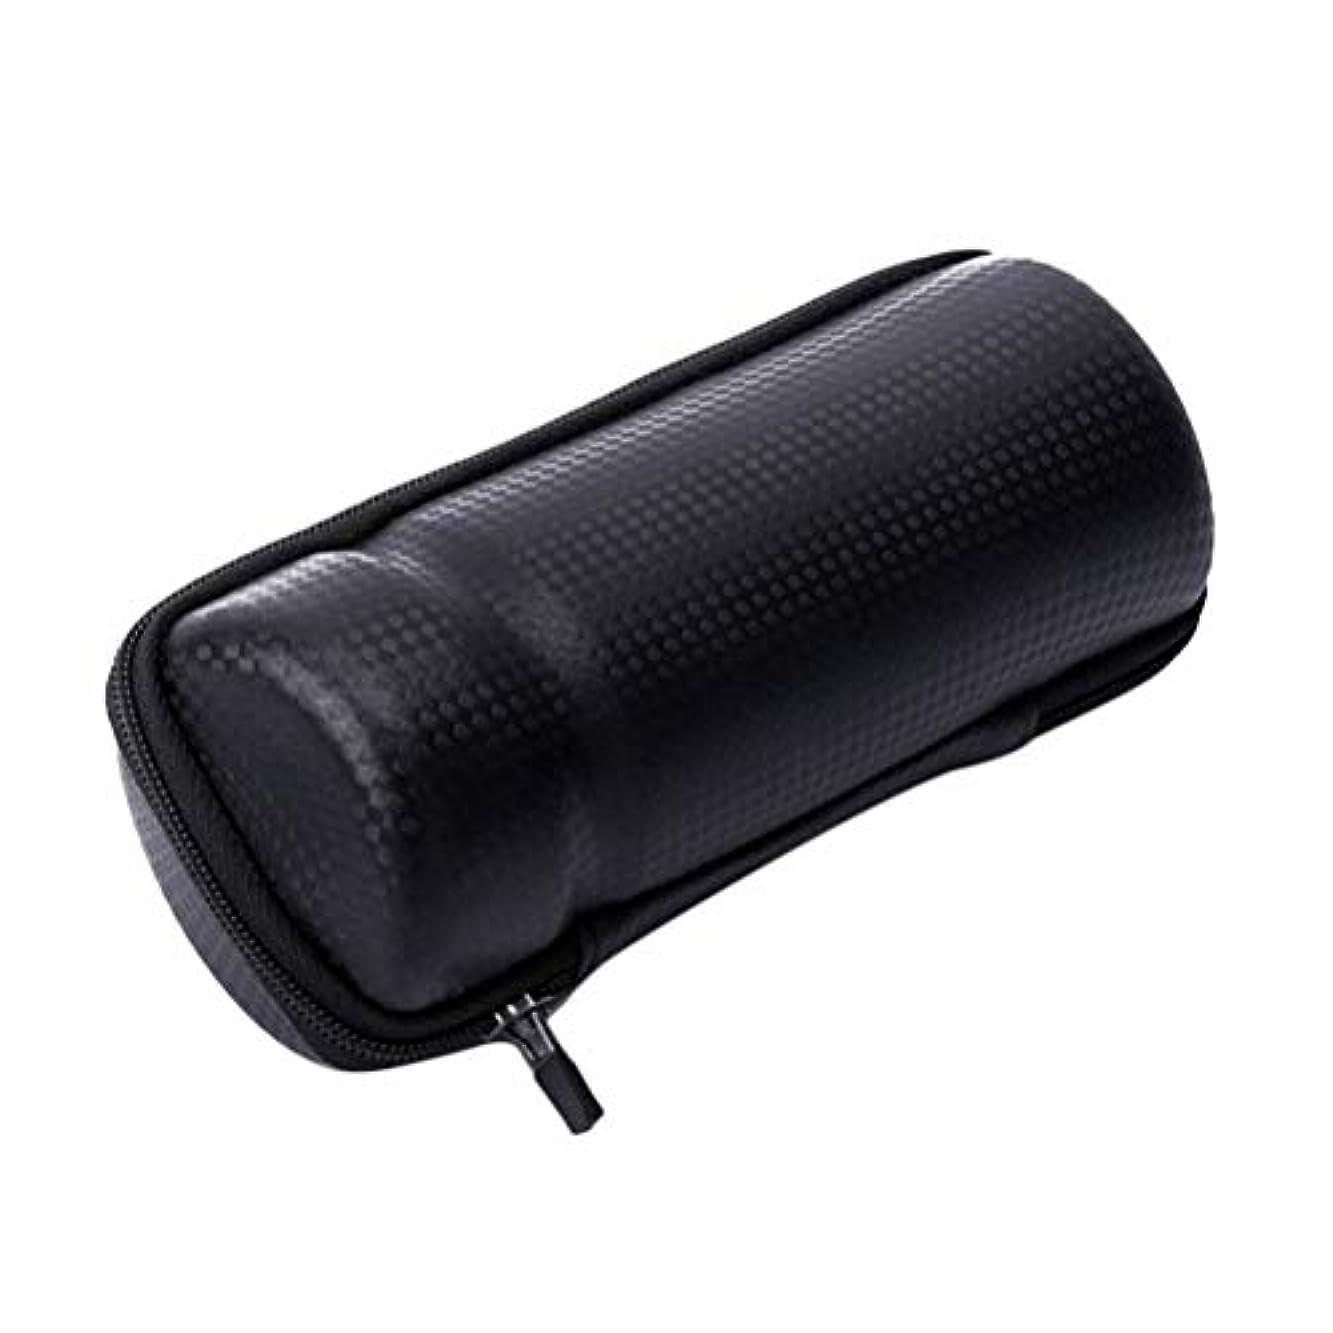 ストリーム貢献する有限LIOOBO 自転車フレームバッグ自転車ケトルブラケットパッケージハードシェルバッグマウンテンバイクのメンテナンス防水(小型、炭素パターン)